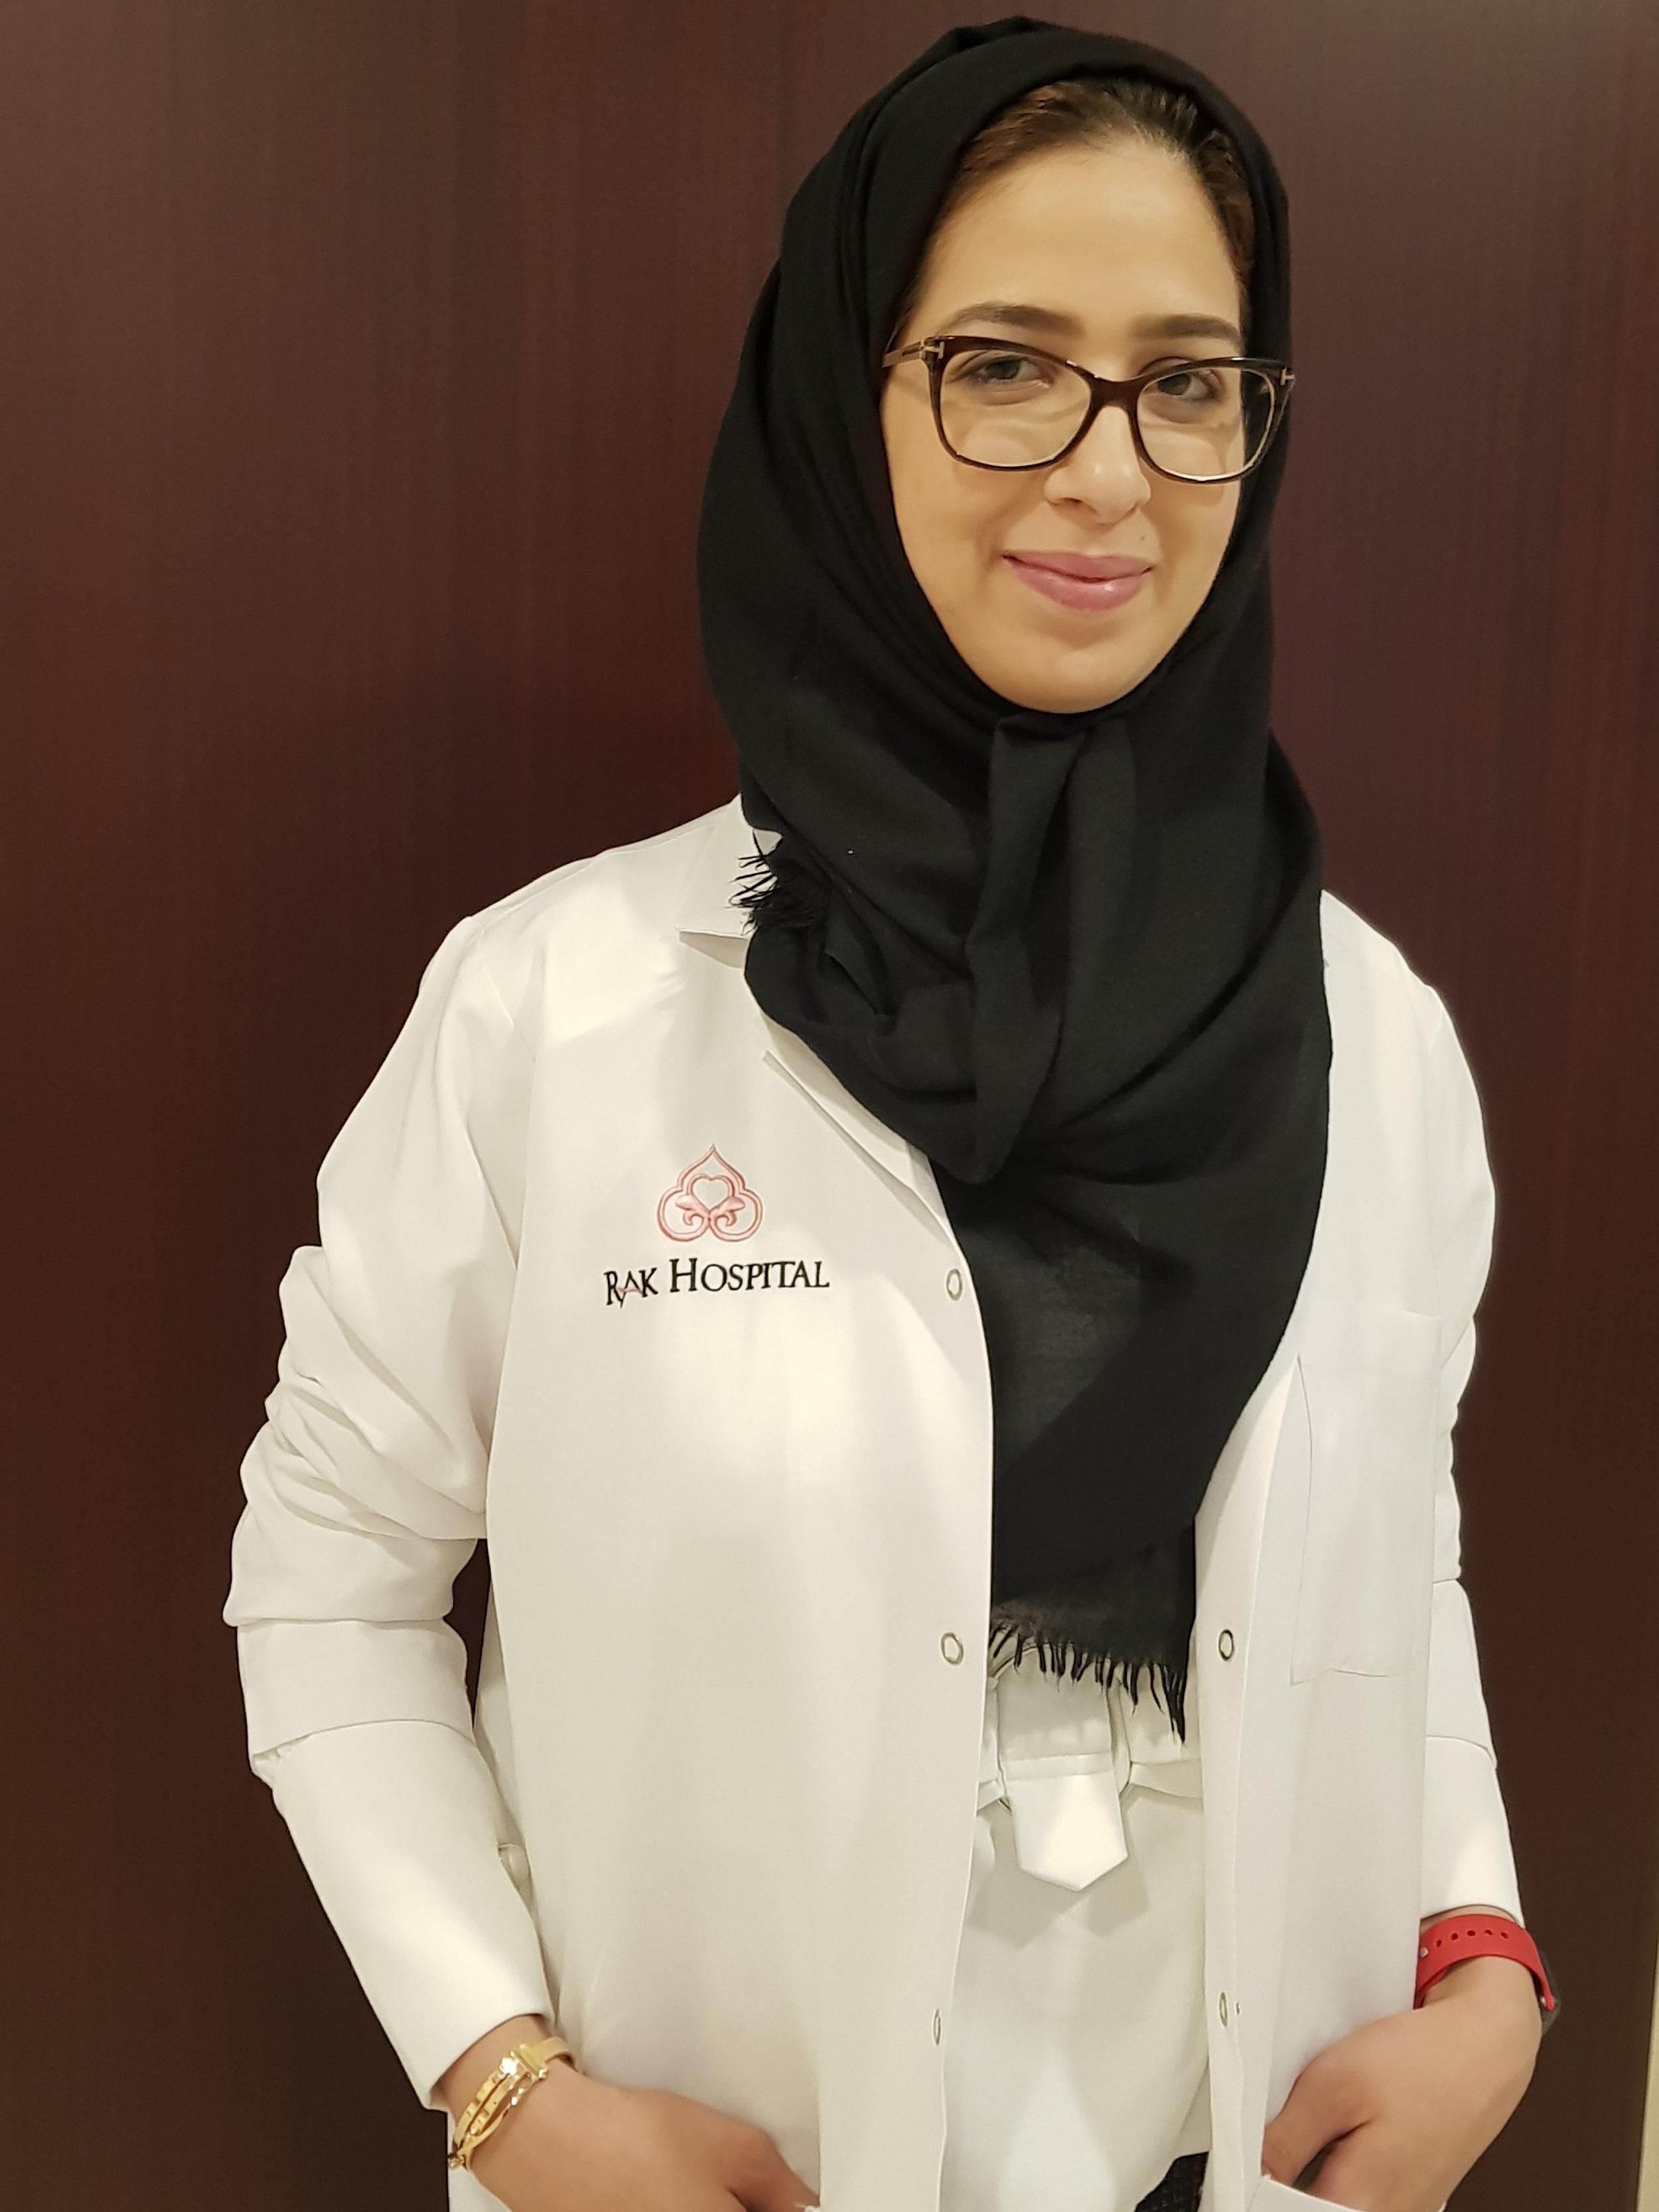 مستشفى رأس الخيمة ينظم حملة صحية مجانية بمناسبة رمضان 2019